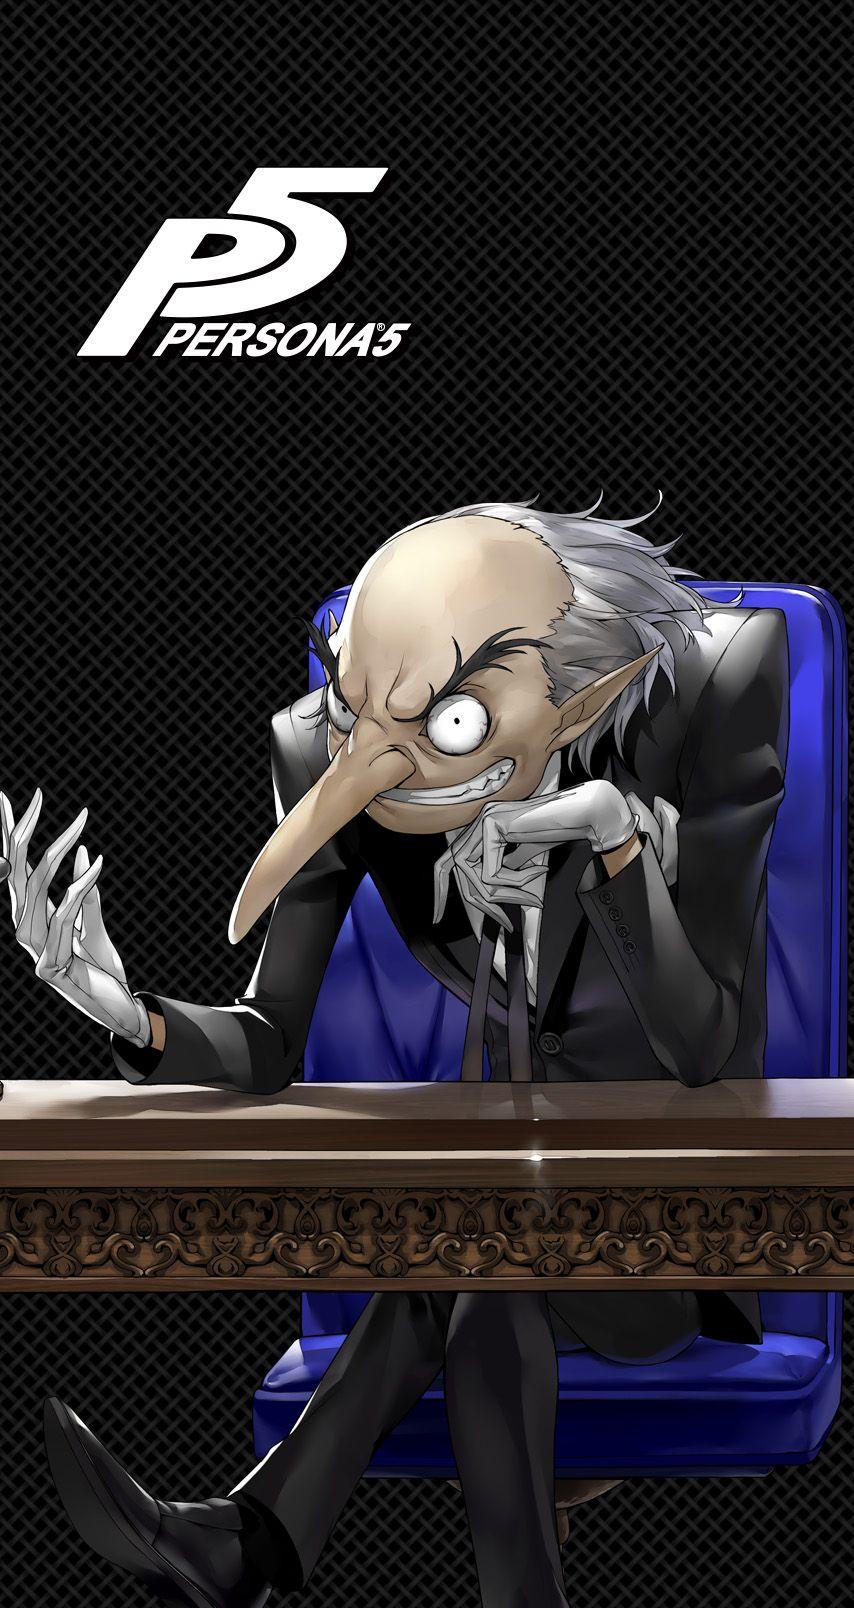 Persona 5 Igor Persona 5 Persona Anime